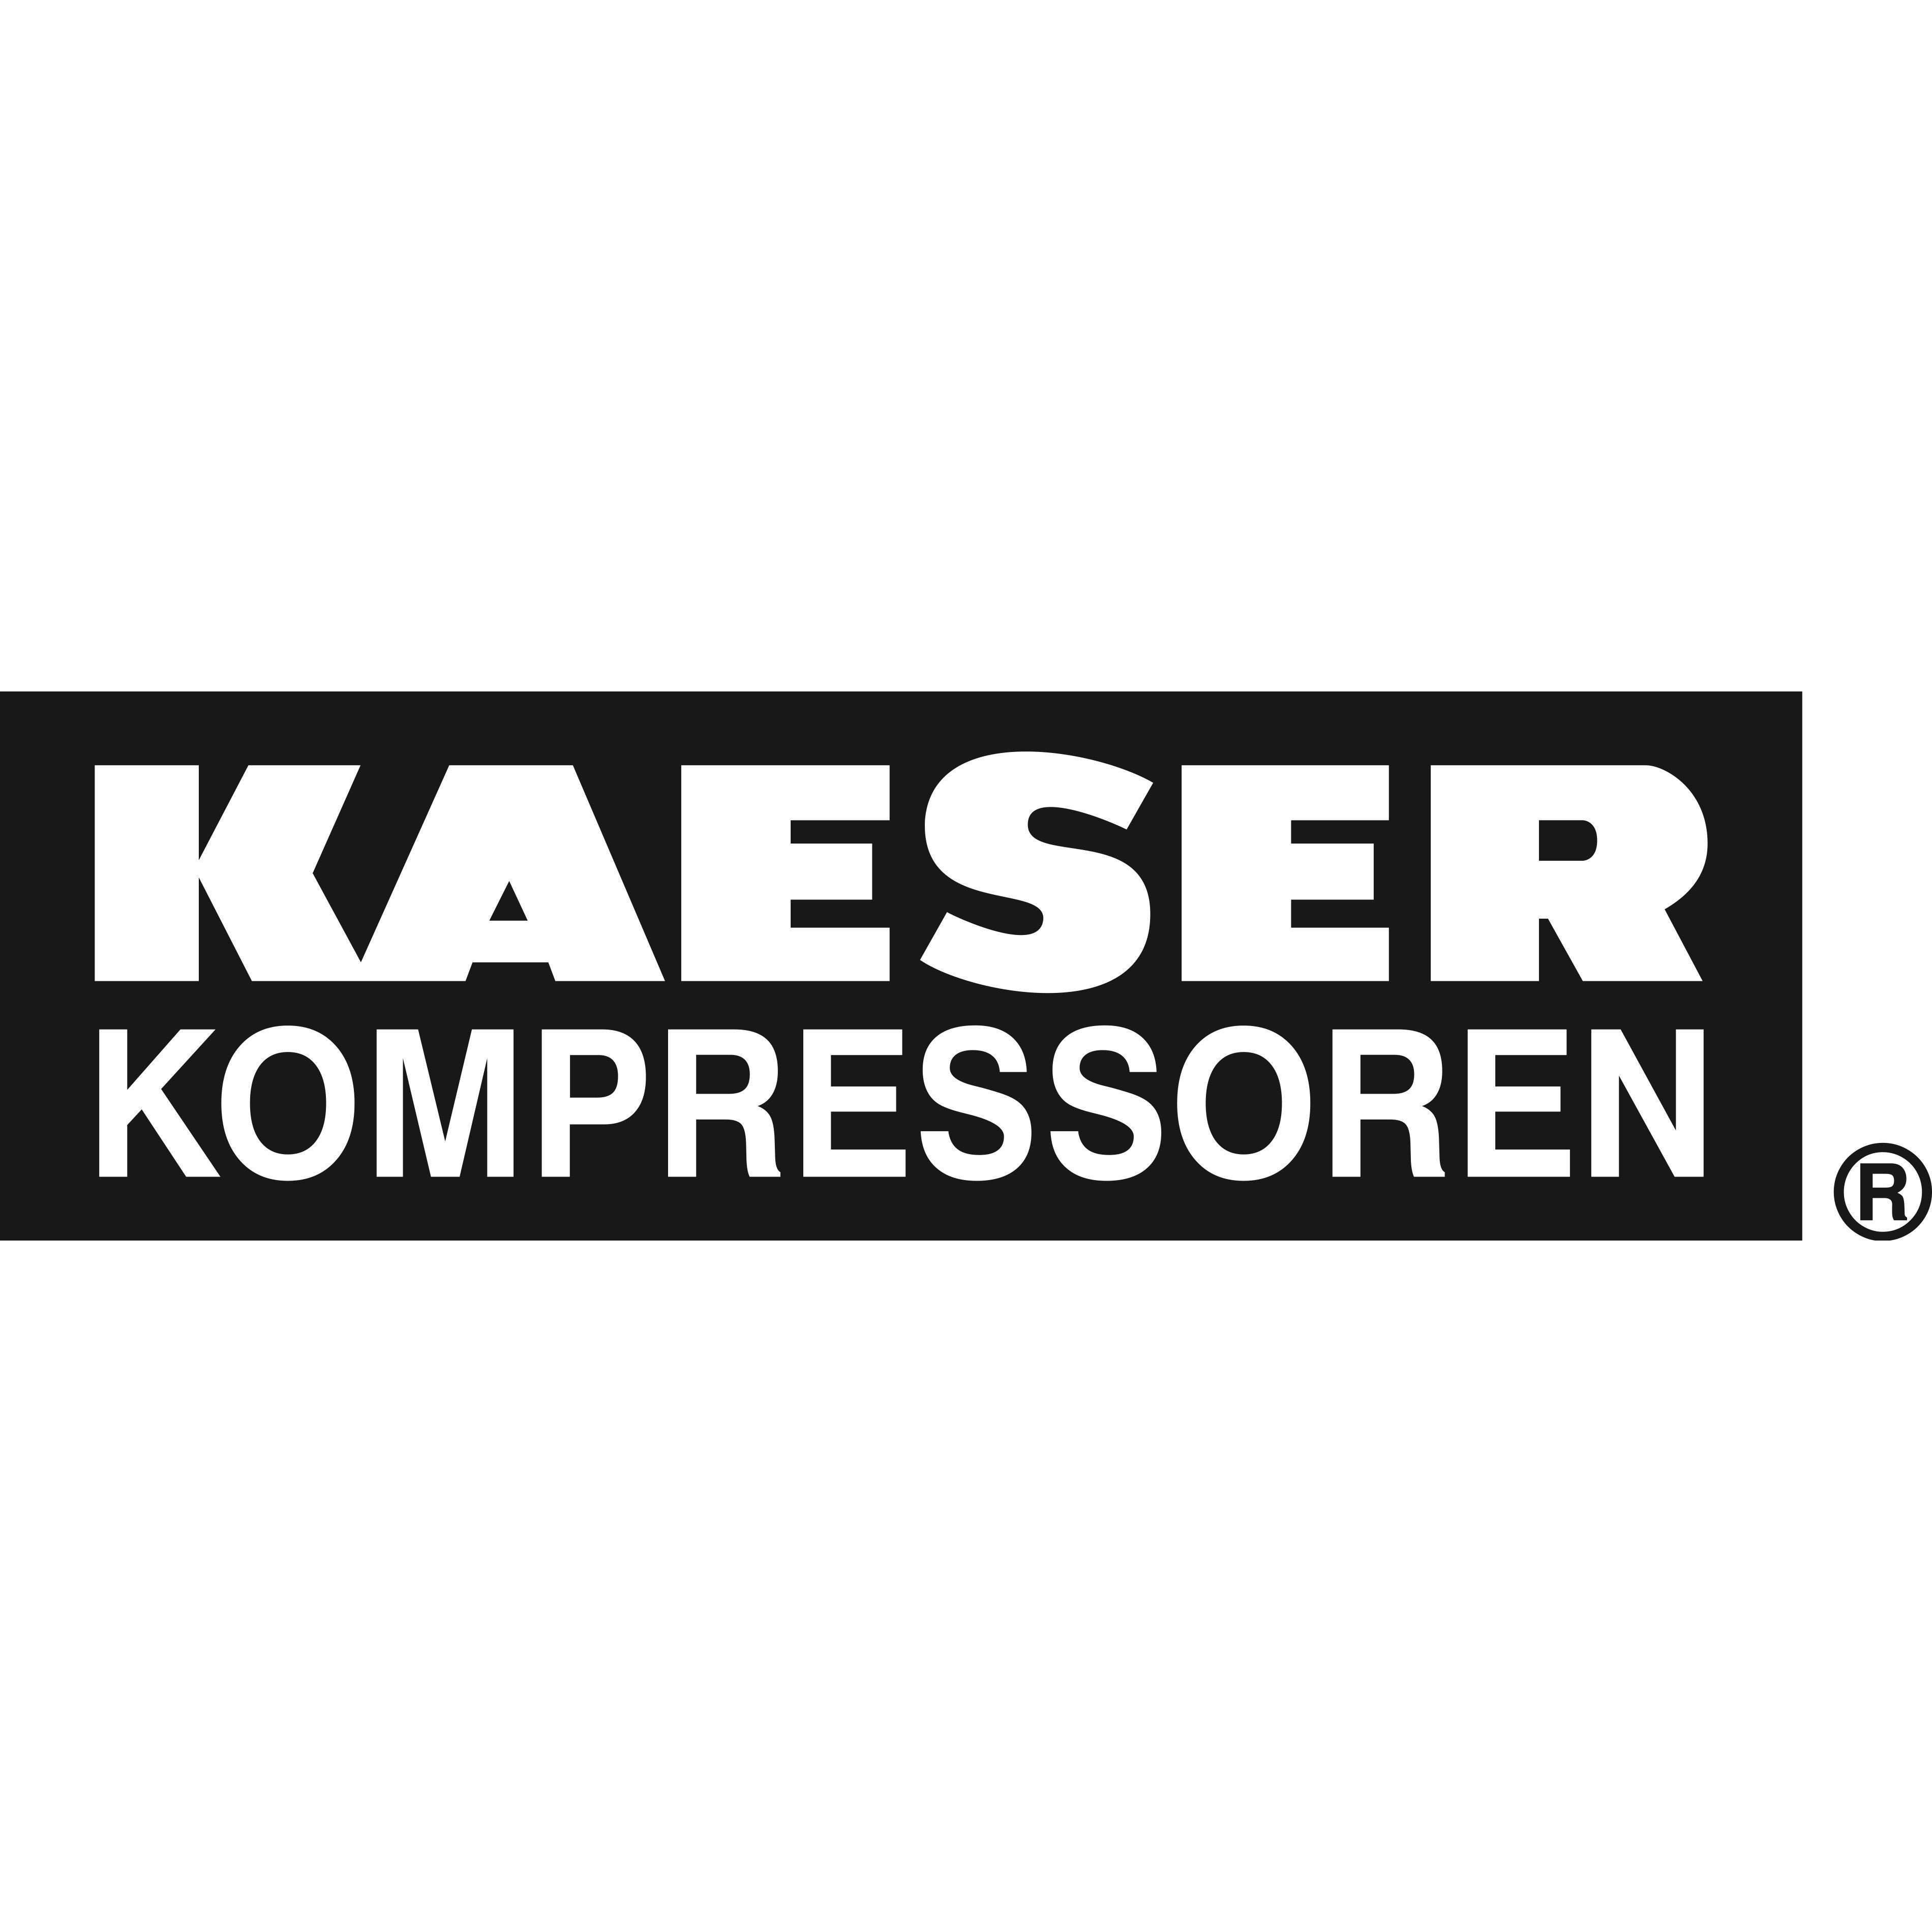 Kaeser Kompressoren GesmbH